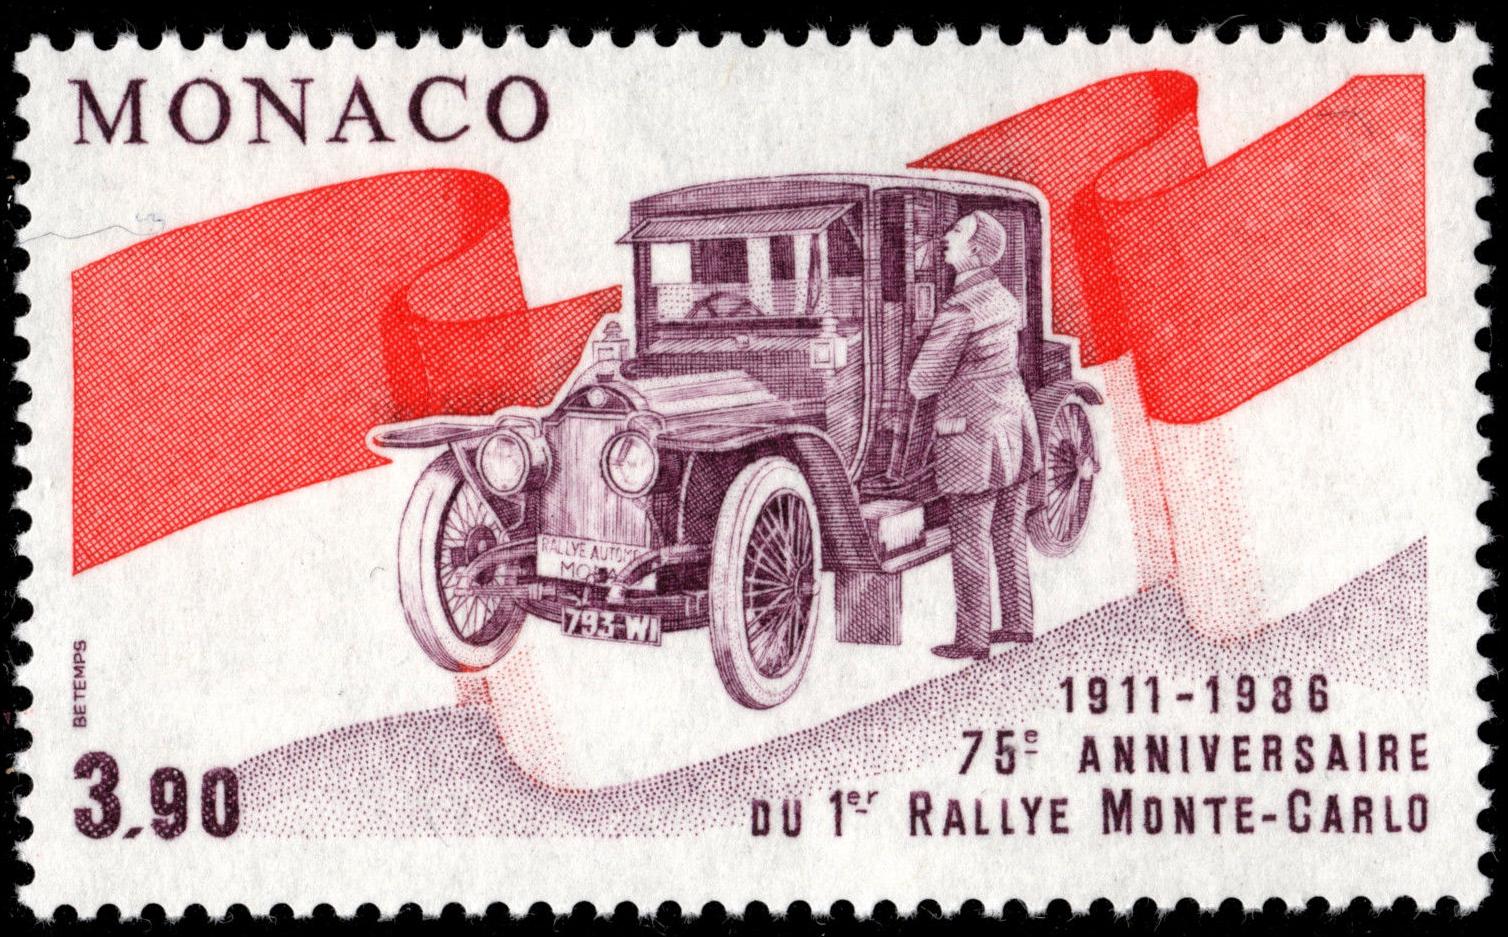 Monaco - Scott #1542 (1986)